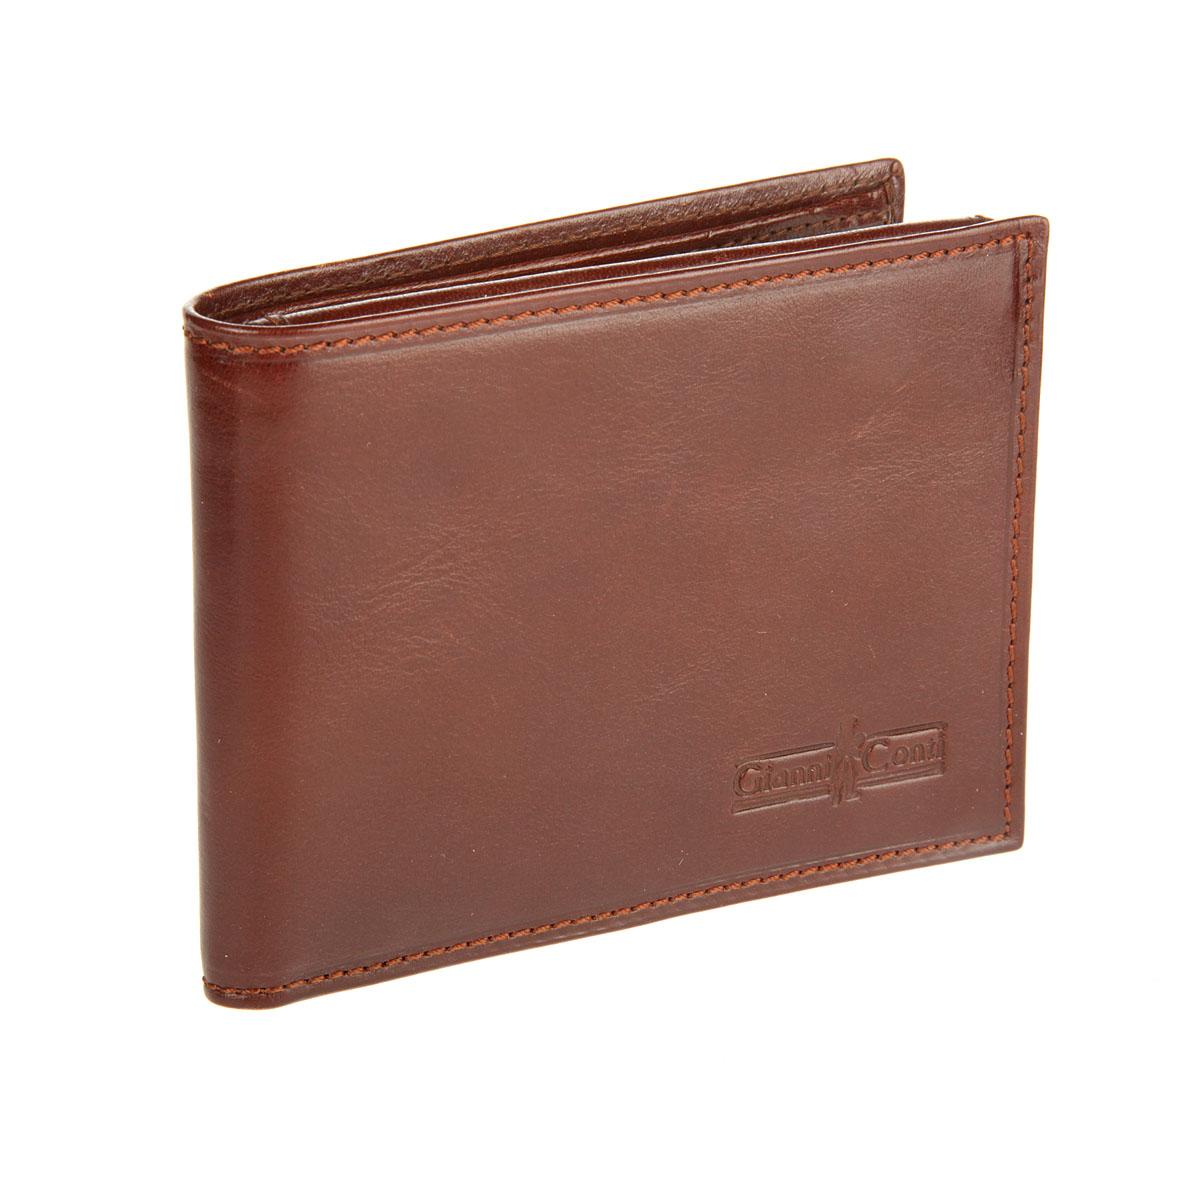 Портмоне мужское Gianni Conti, цвет: коричневый. 907022907022 brownСтильное мужское портмоне Gianni Conti выполнено из натуральной кожи. Лицевая сторона оформлена тиснением в виде названия бренда производителя. Изделие раскладывается пополам. Внутри имеется два отделения для купюр, четыре потайных кармана, карман для мелочи на кнопке, три кармашка для визиток и пластиковых карт, два сетчатых кармана и карман для документов. Портмоне упаковано в фирменную картонную коробку. Оригинальное портмоне подчеркнет вашу индивидуальность и изысканный вкус, а также станет замечательным подарком человеку, ценящему качественные и практичные вещи.